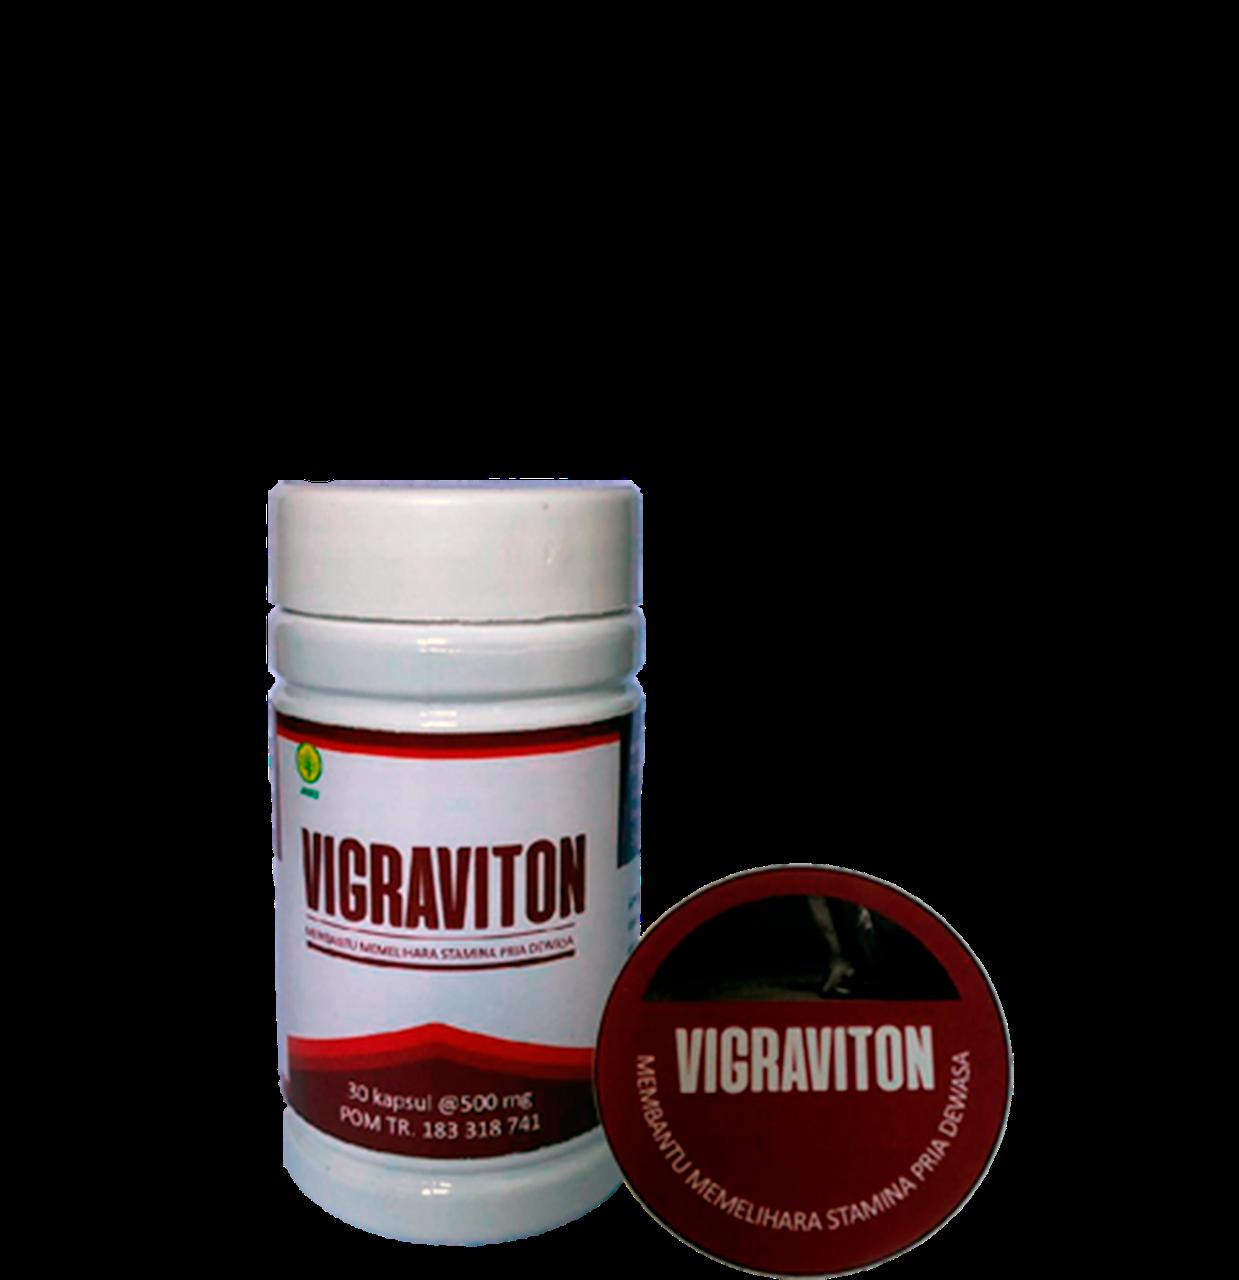 Vigraviton (Вигравитон) - капсулы для увеличения члена и повышения либидо